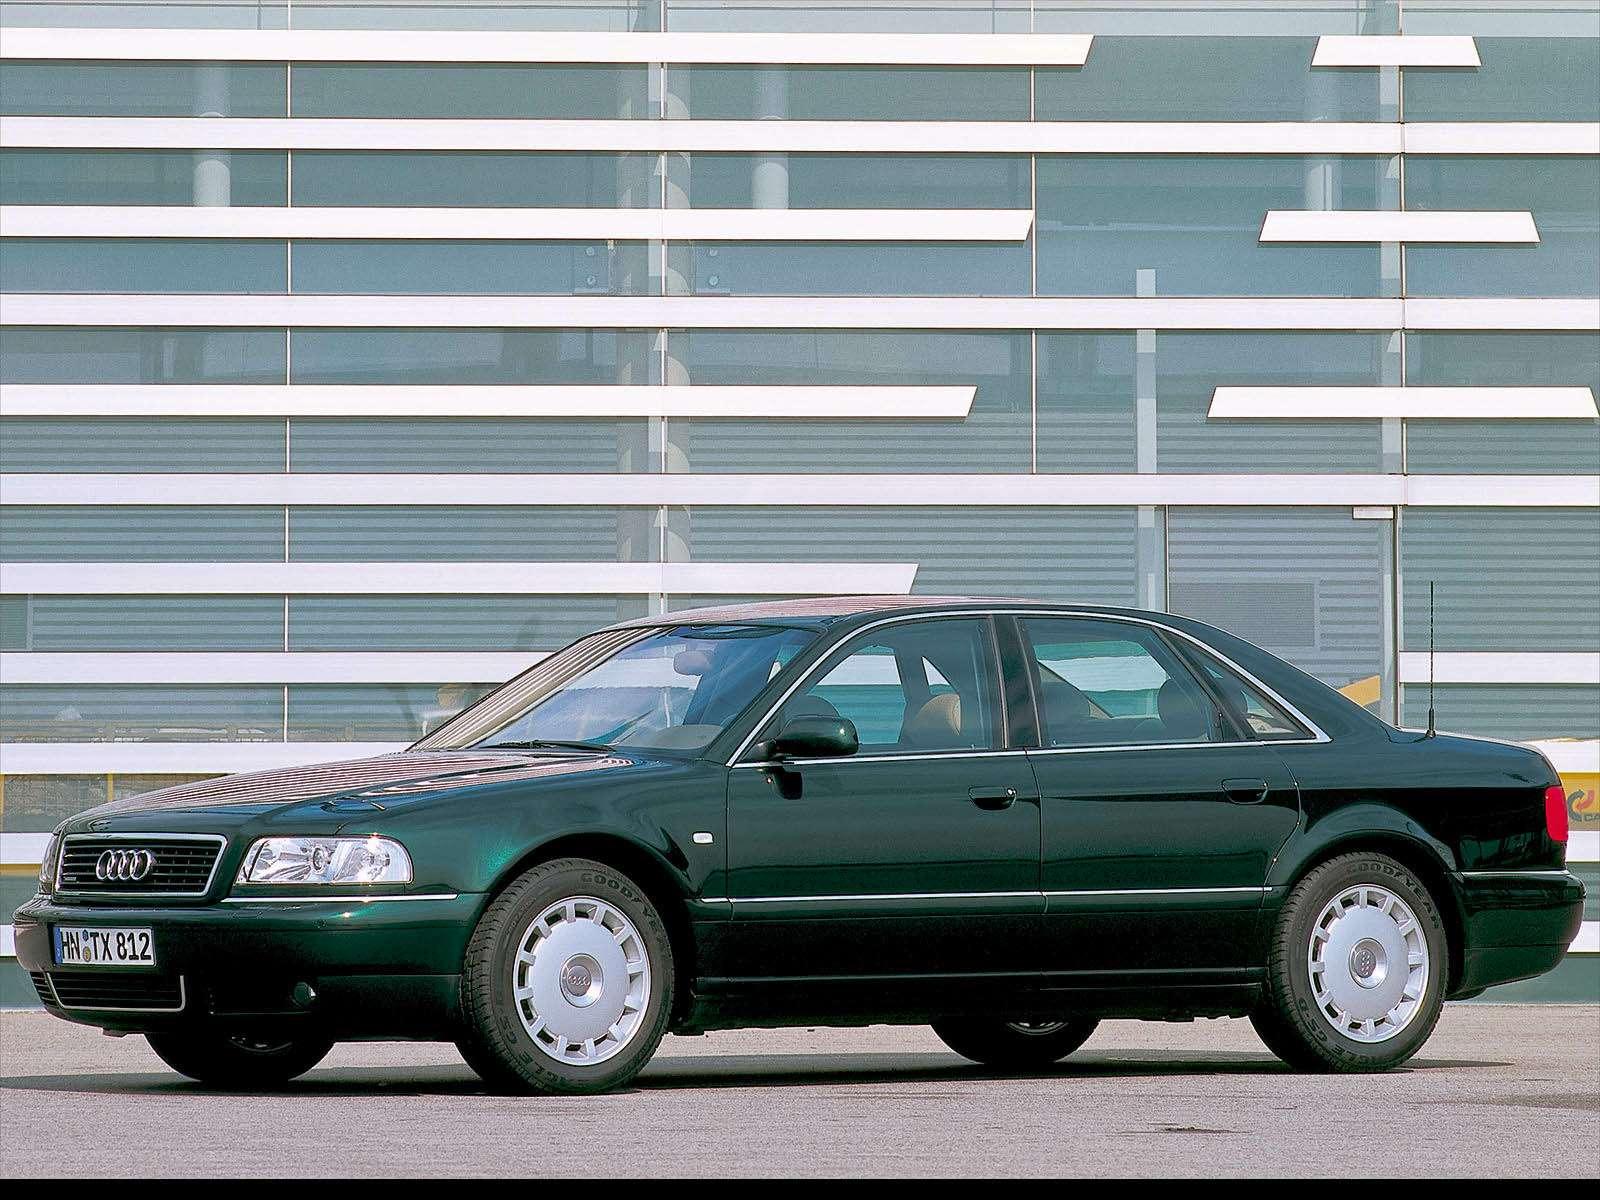 Премиальный автомобиль за200 тысяч рублей: респект изпрошлого— фото 611045